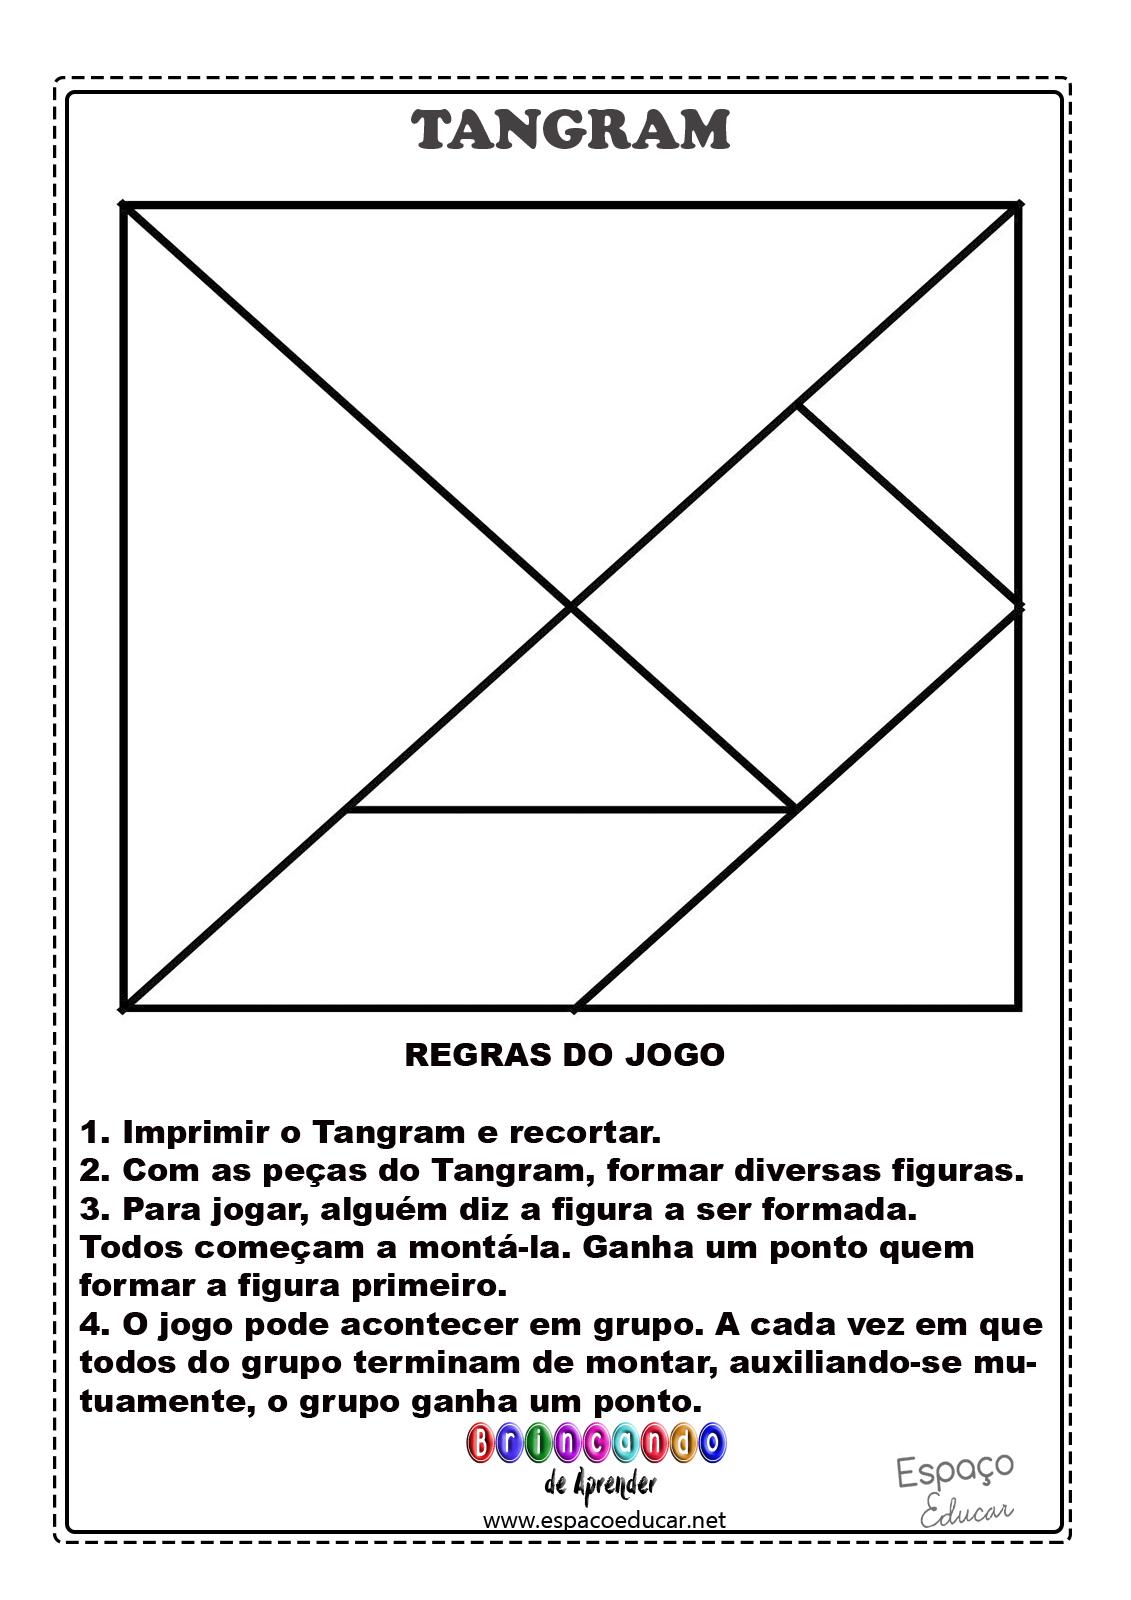 Favoritos ESPAÇO EDUCAR: Tangram para imprimir + sugestões de montagem e  PY62